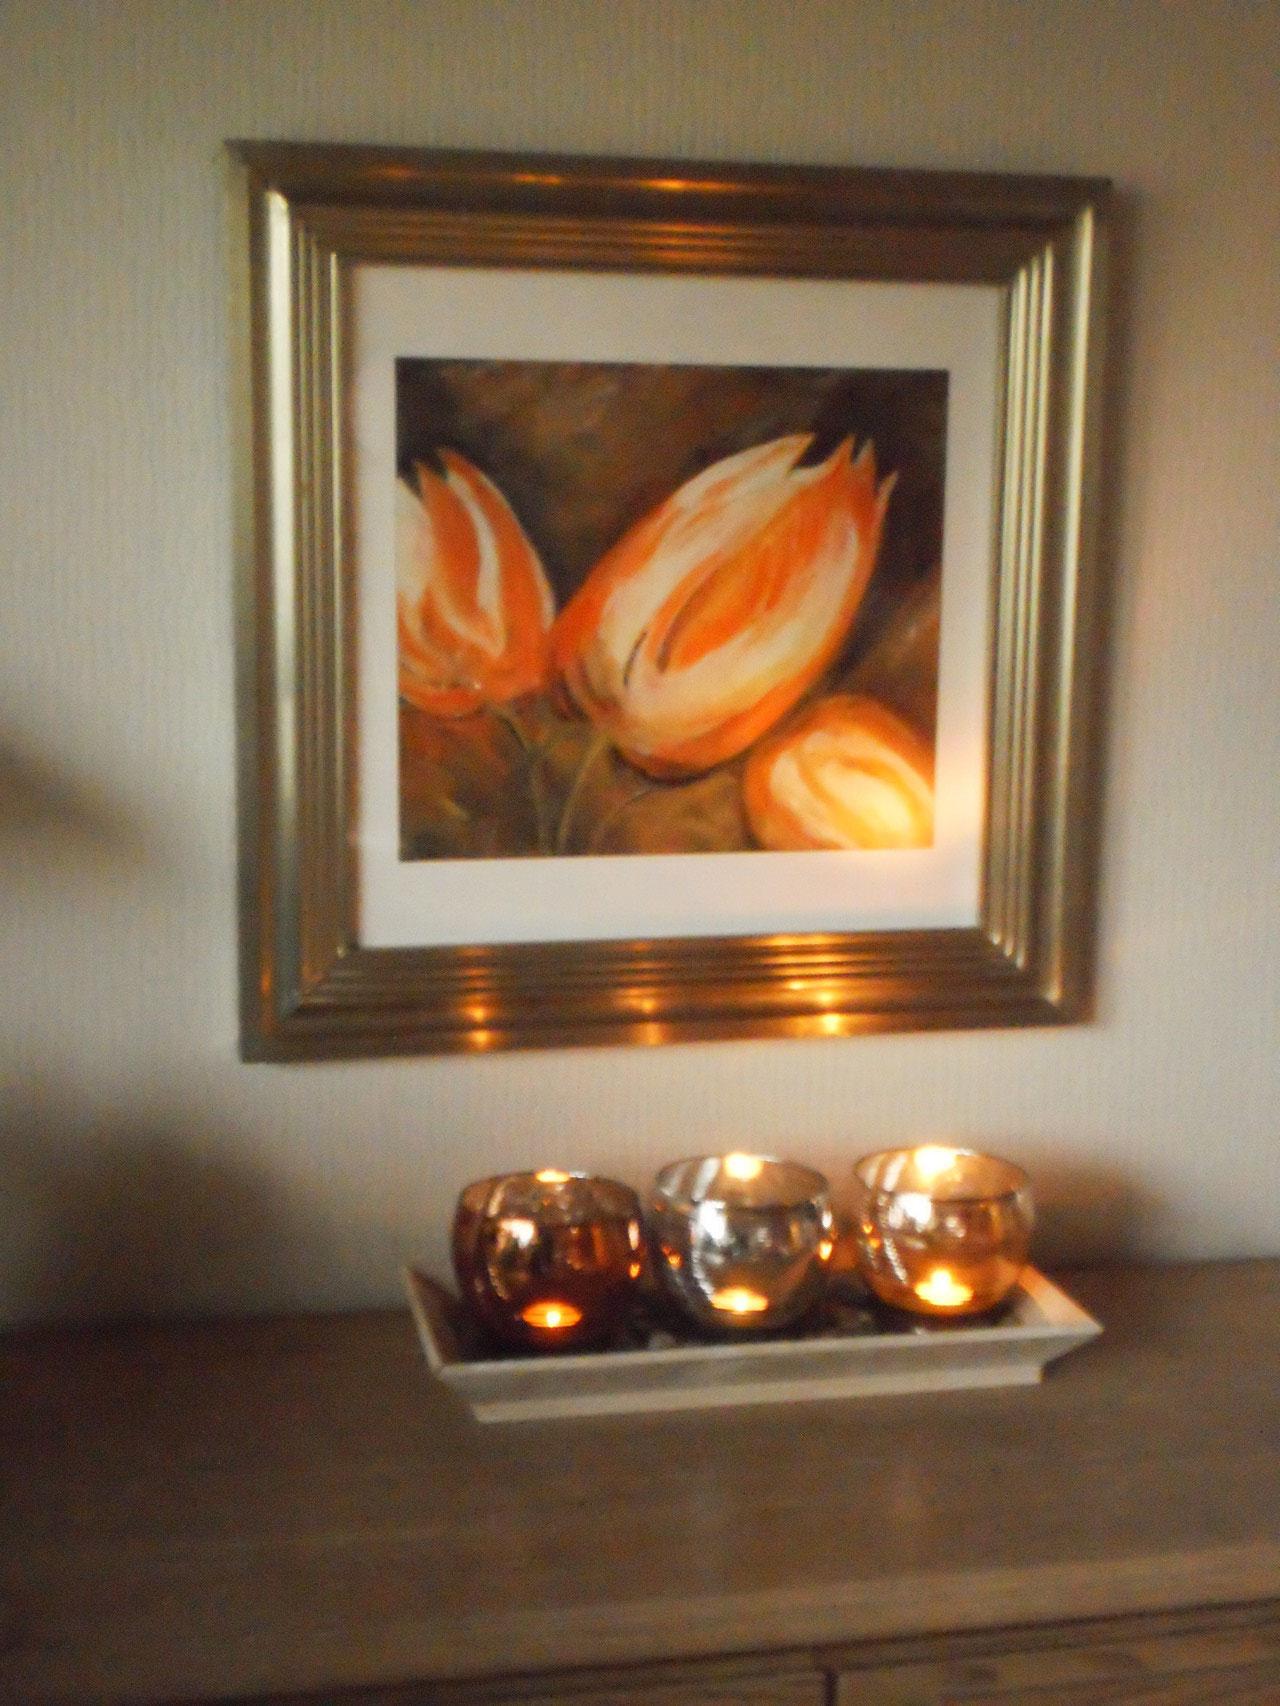 Tulpen im Silberrahmen - 64x 64 cm incl. Rahmen - Acryl